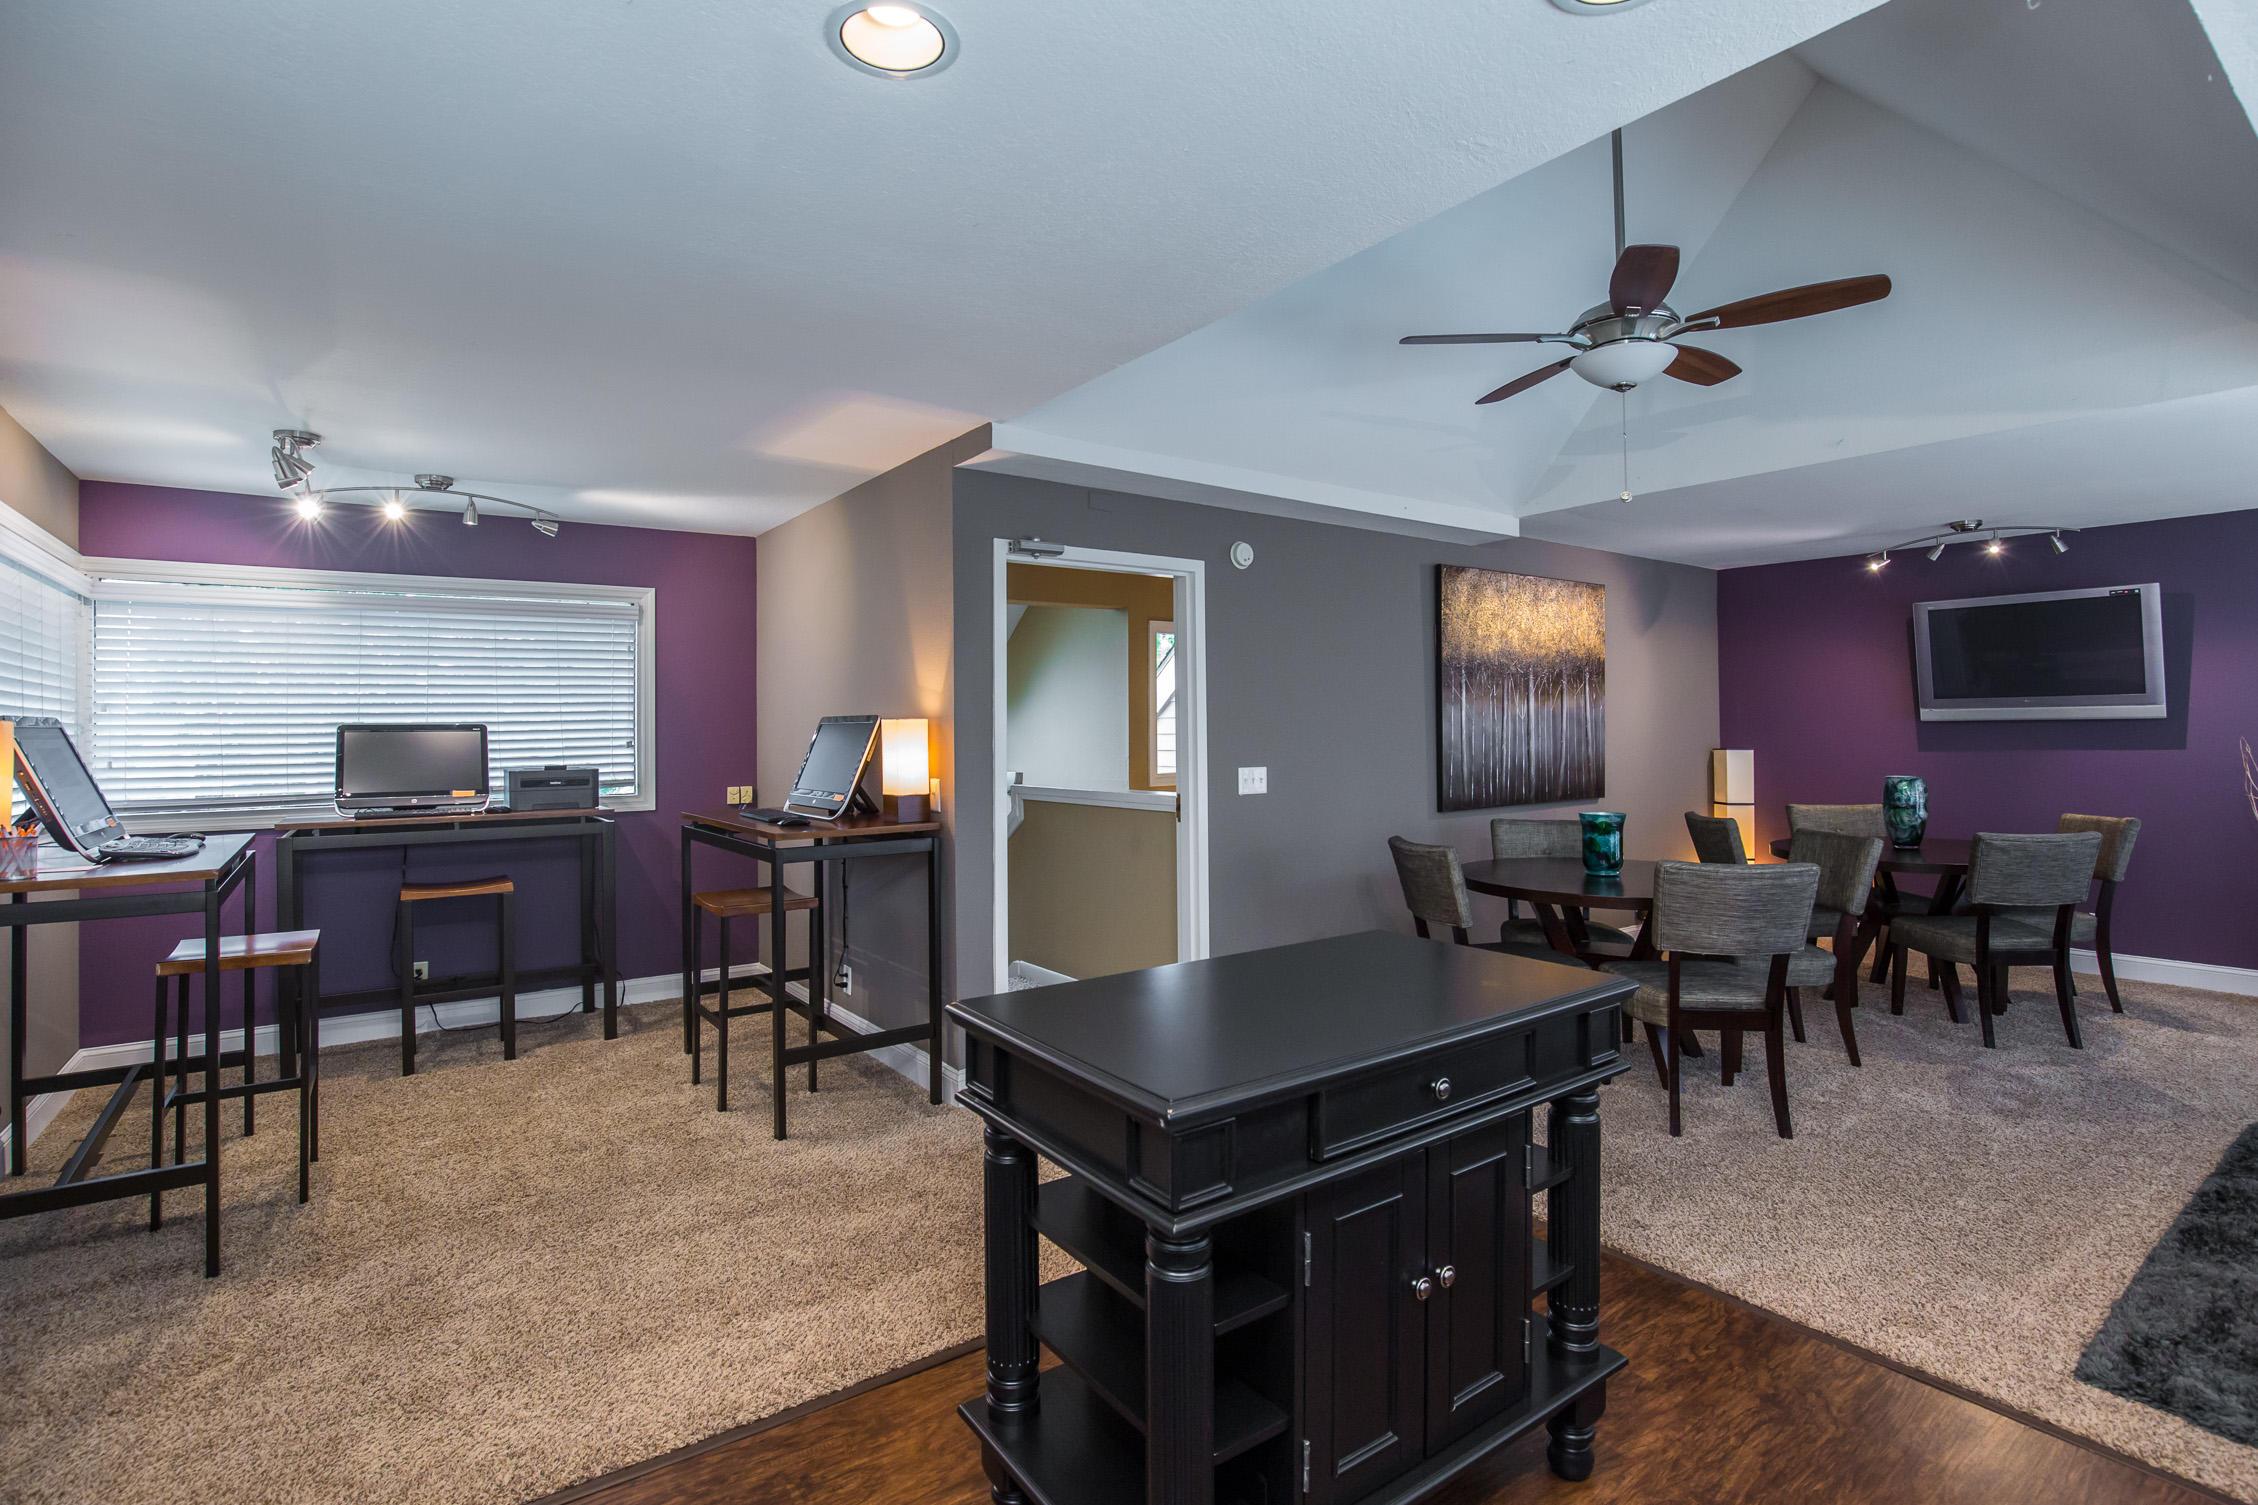 Timberlake Village Apartments image 2